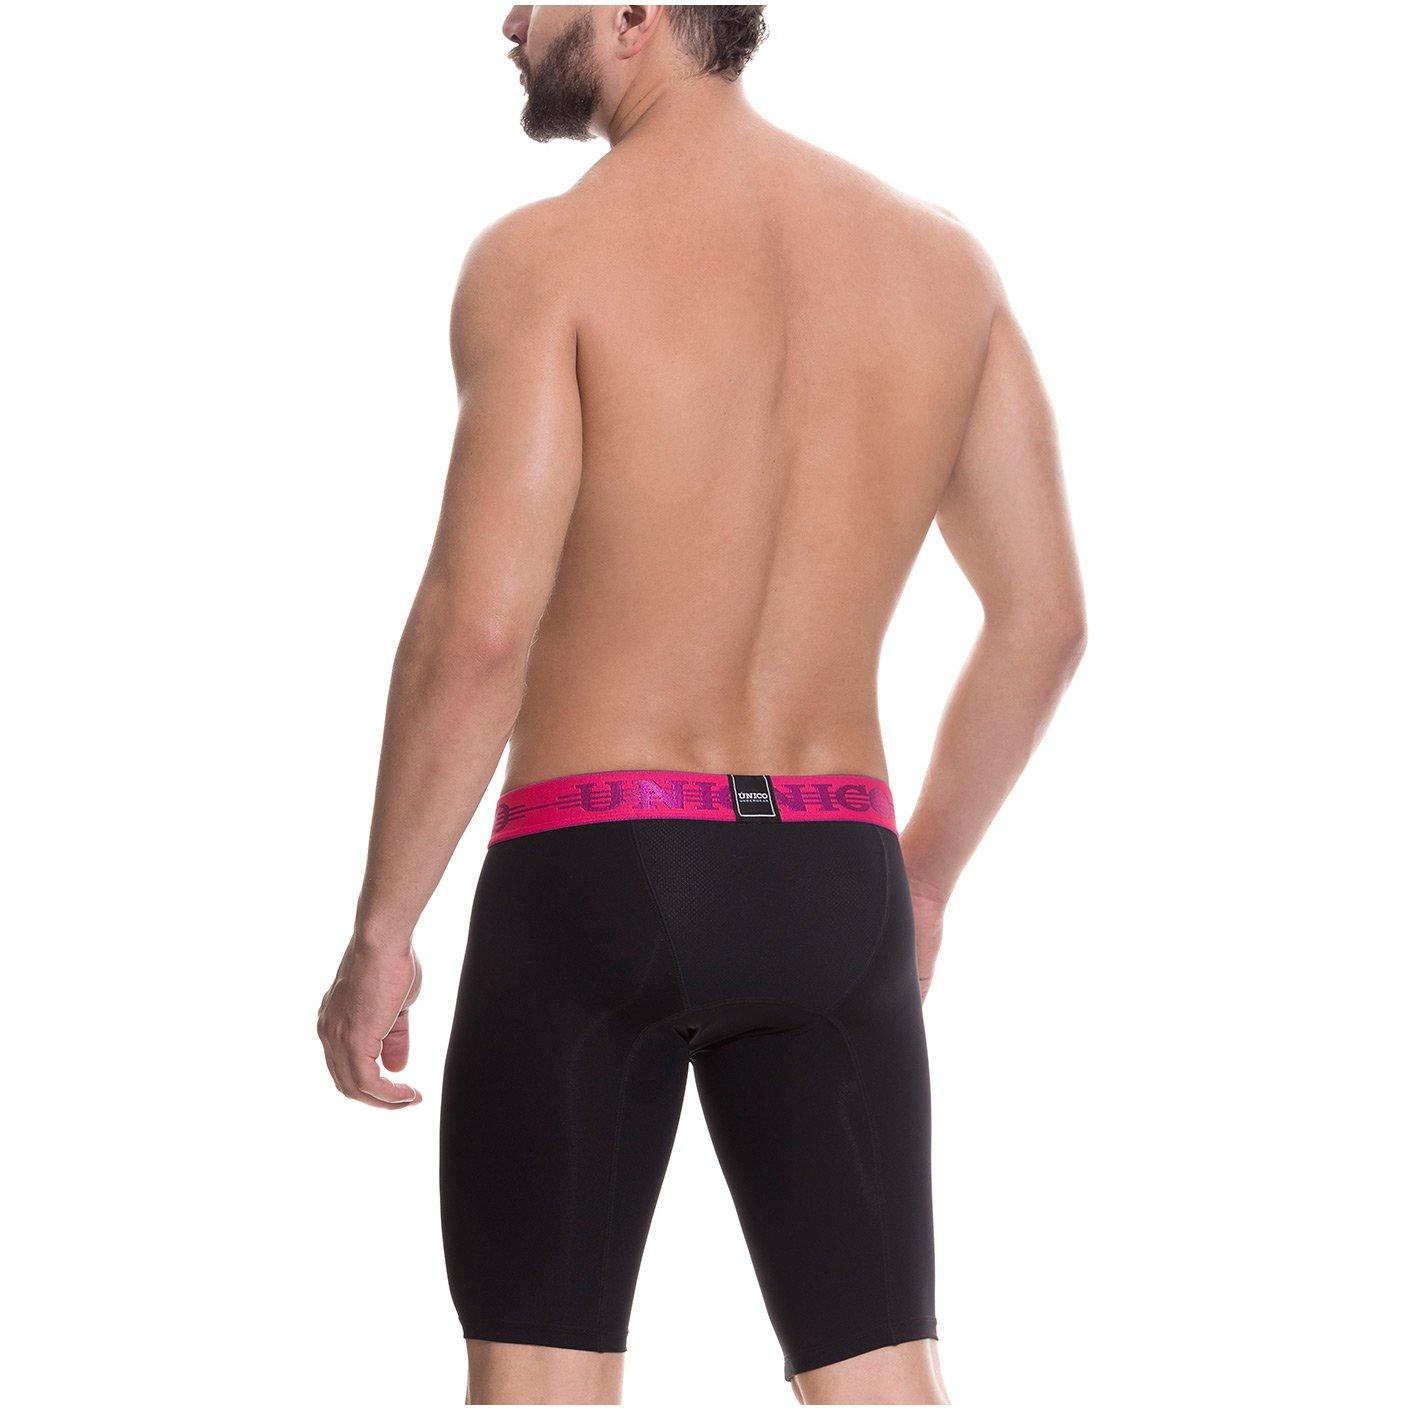 Mundo Unico Men Colombian Boxer Copa Corto Sanscrito at Amazon Mens Clothing store: